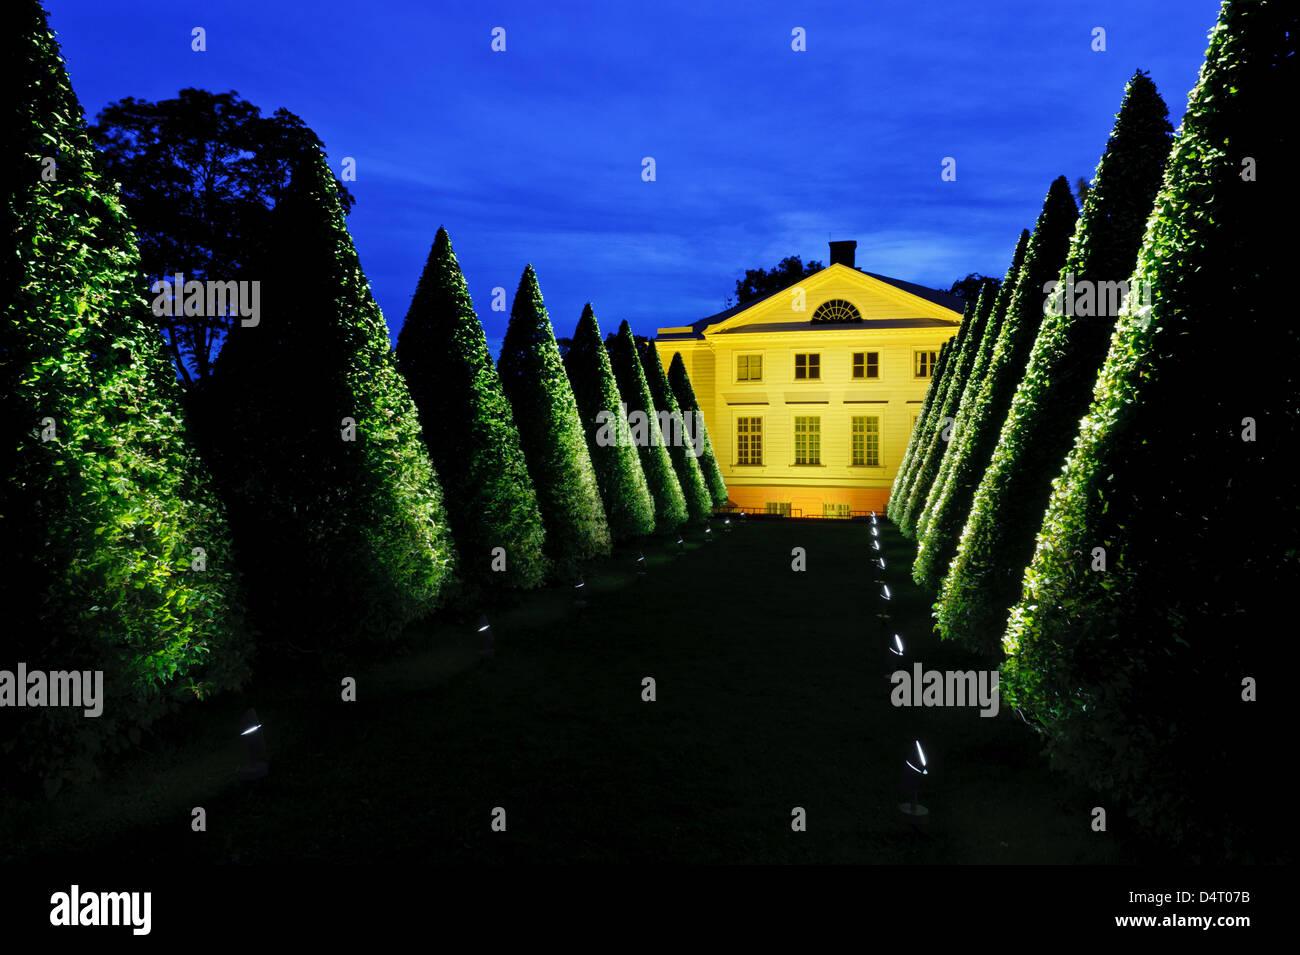 Gunnebo Slott, Nachtbeleuchtung, Mölndal, Schweden, Europa Stockbild